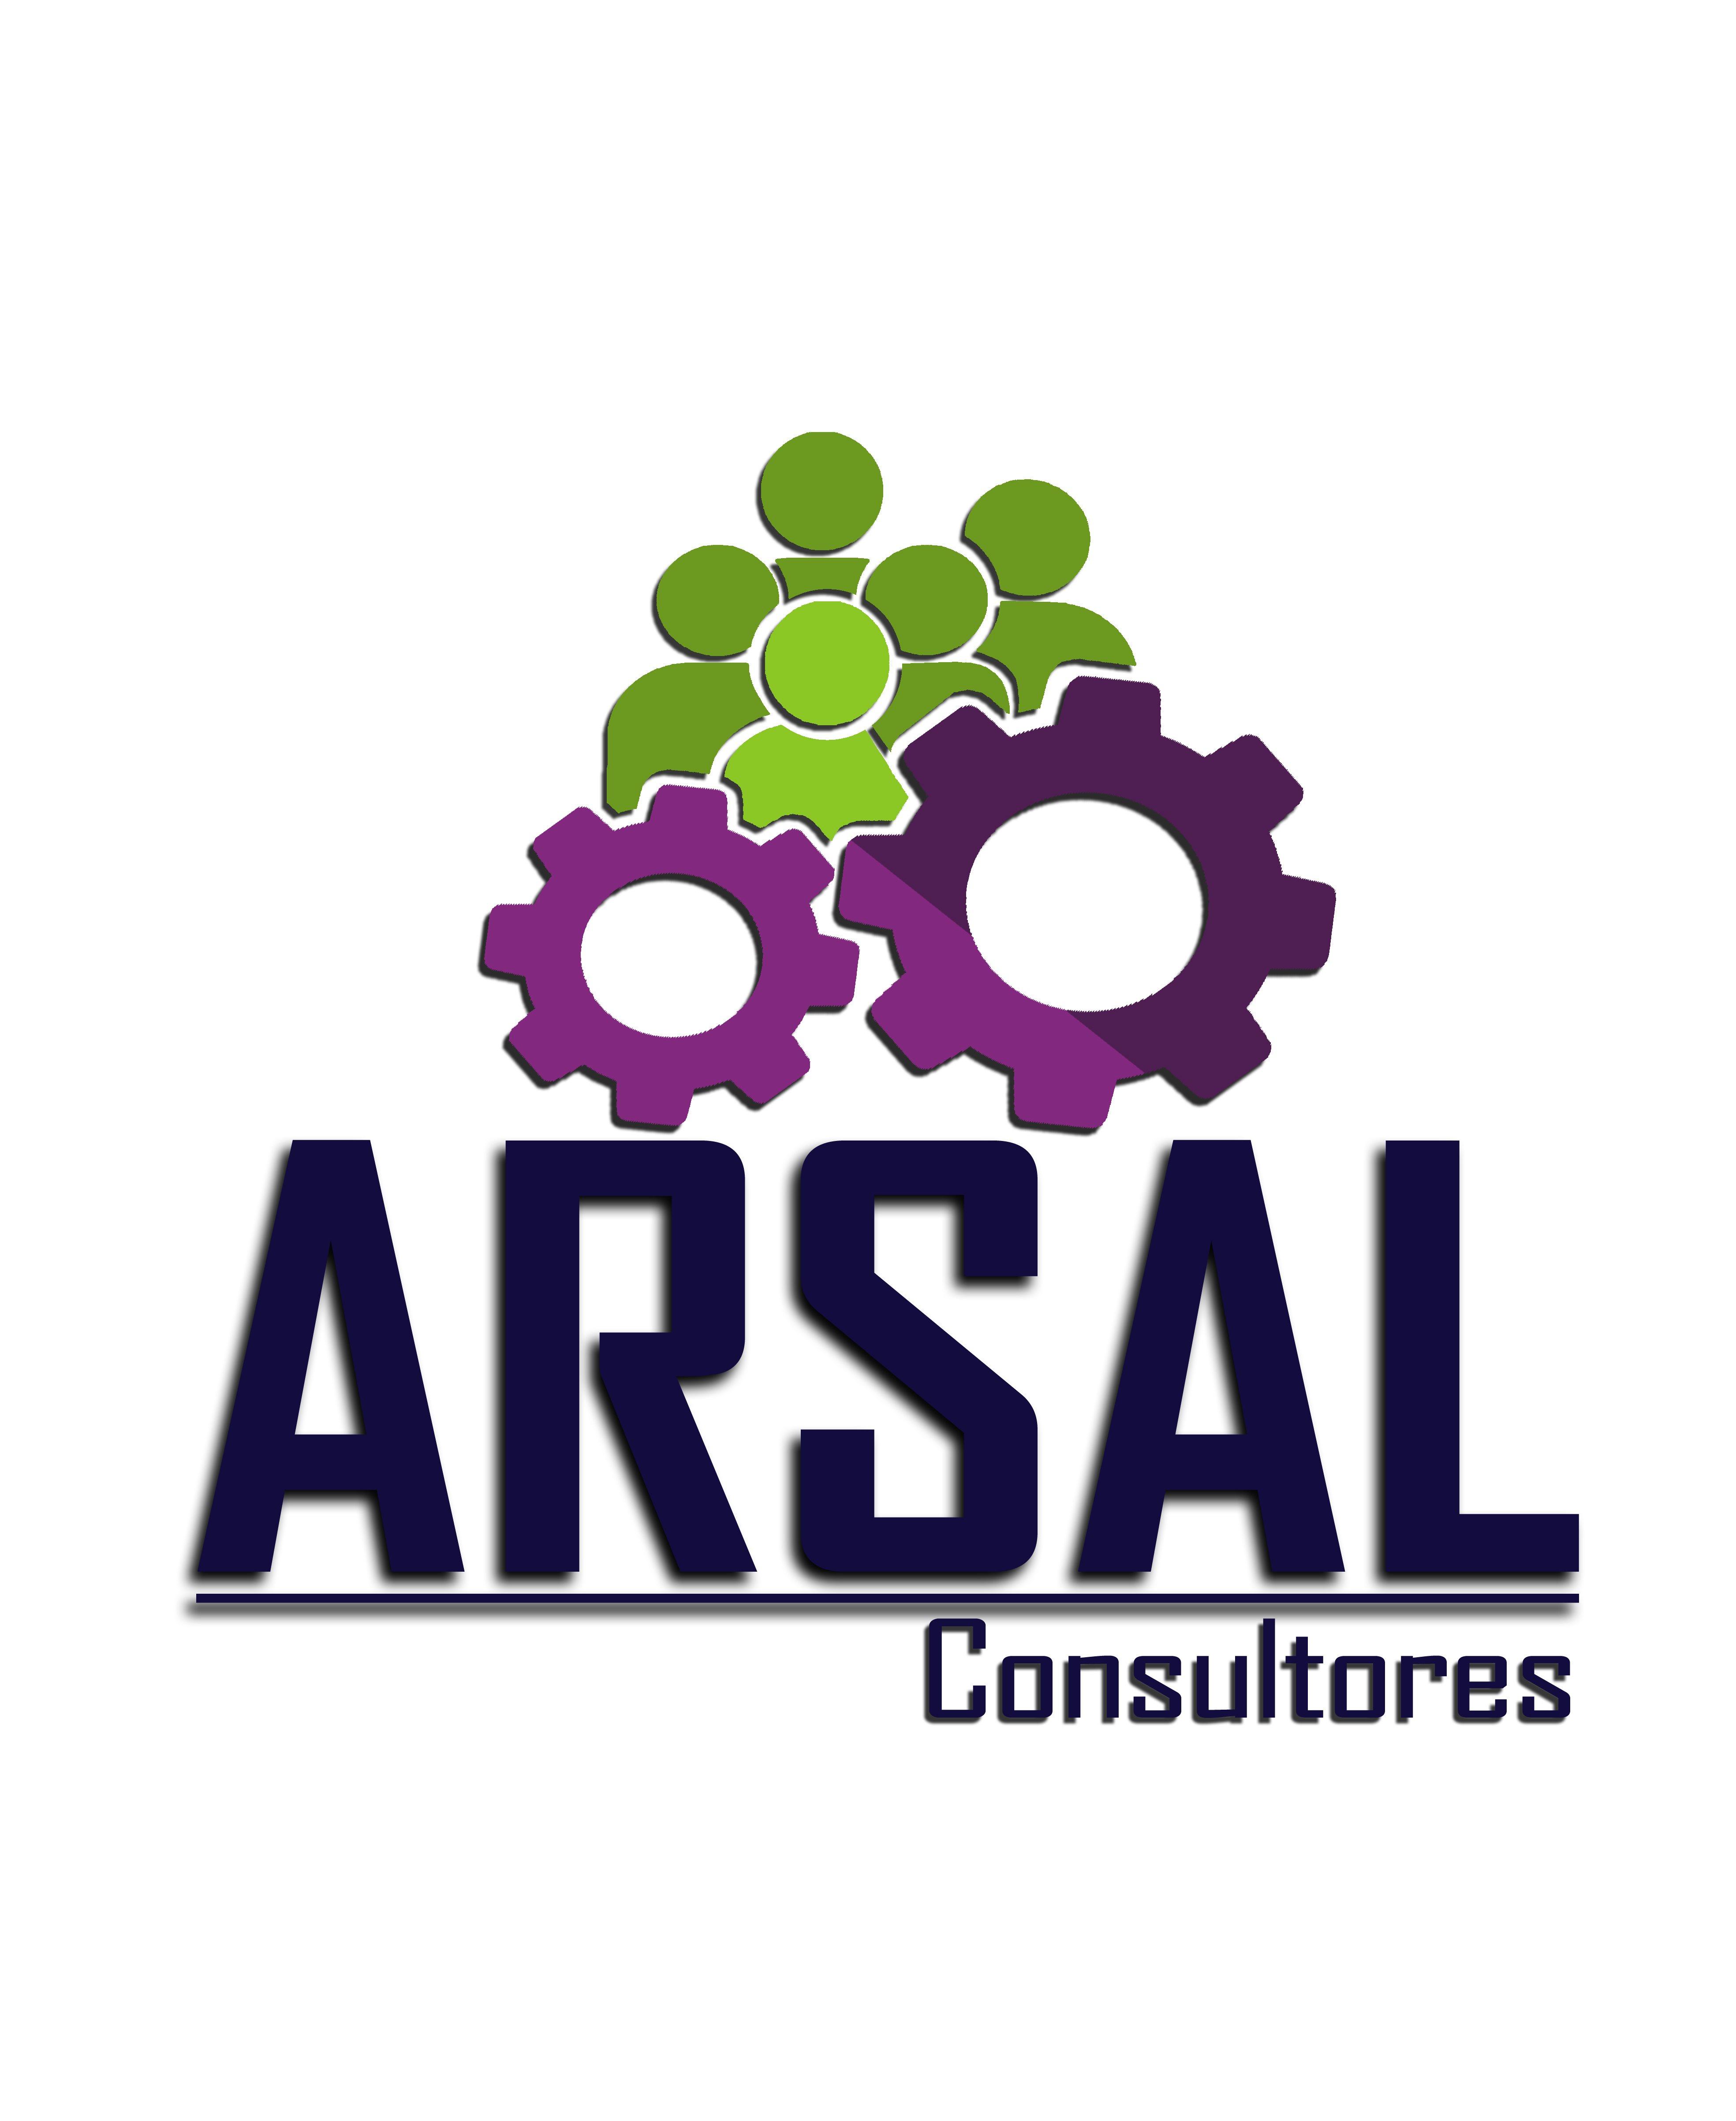 Arsal Consultores